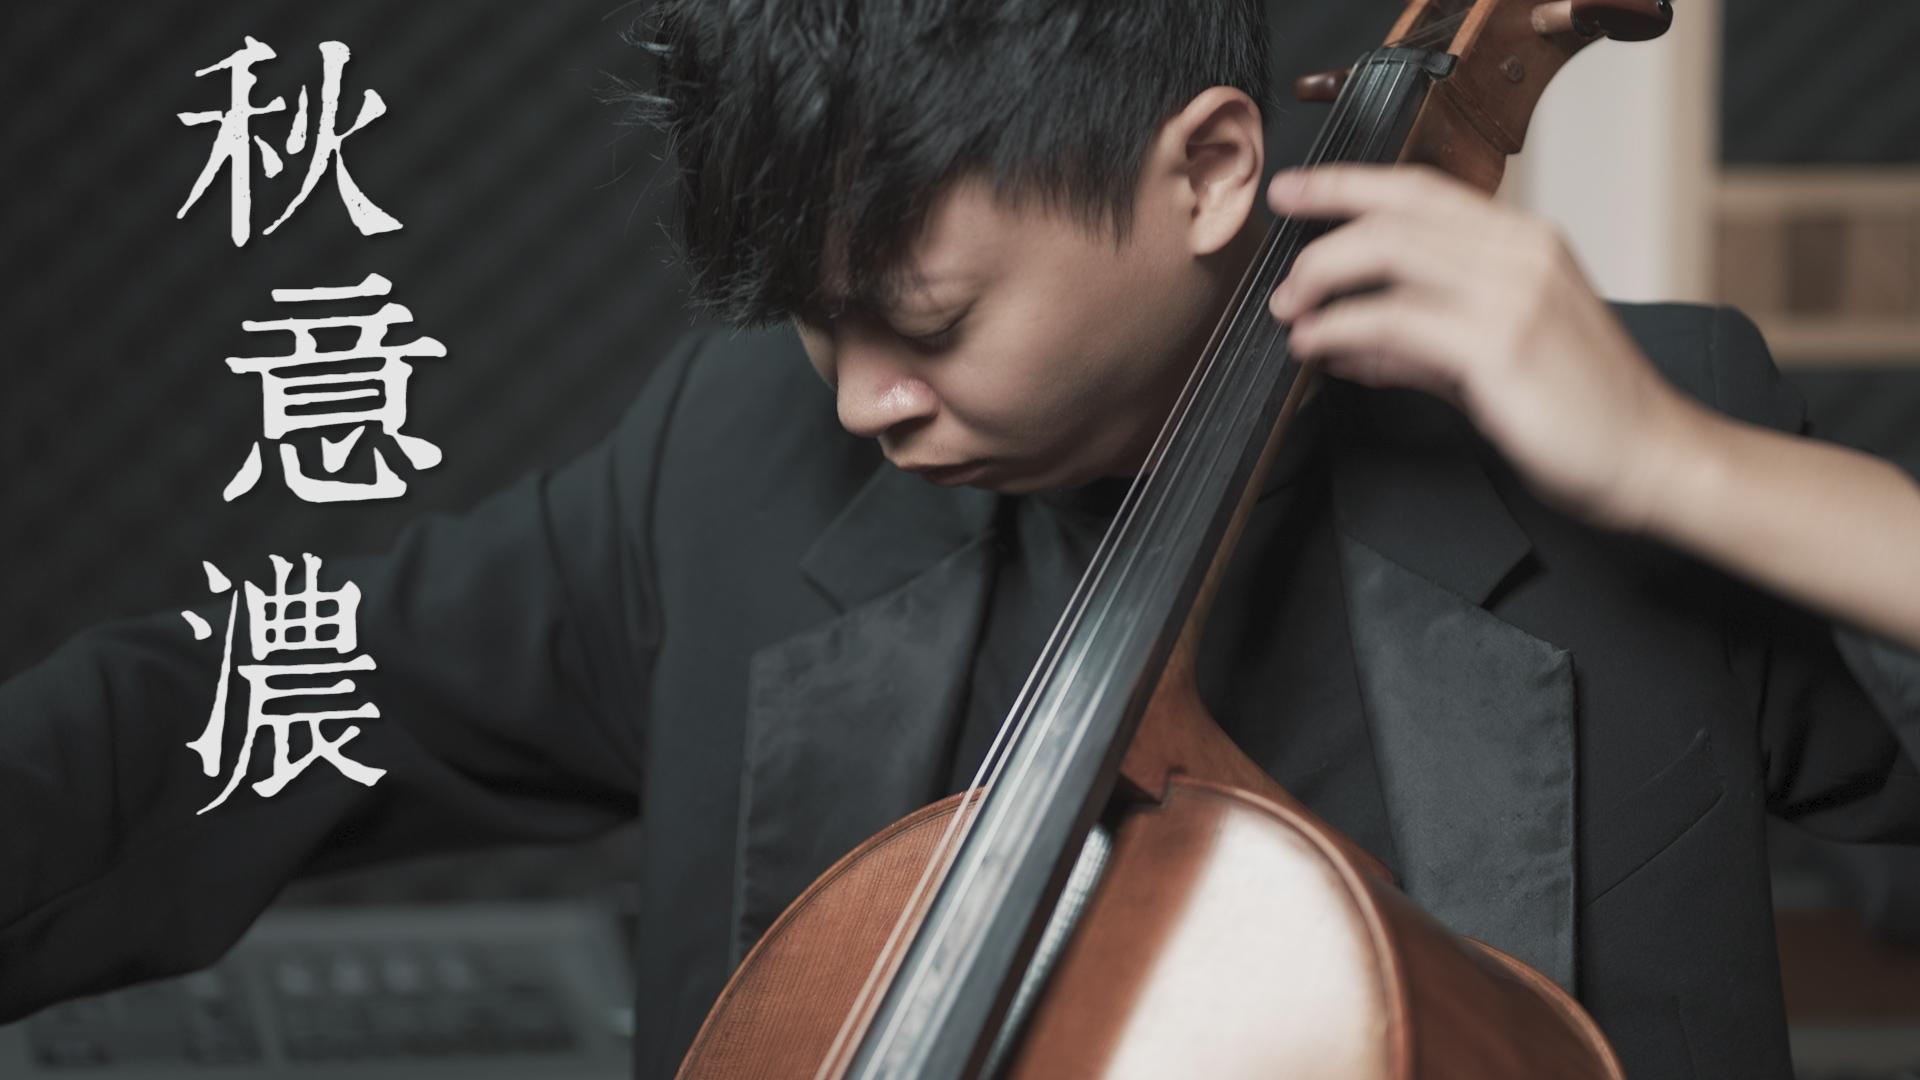 行かないで (秋意濃) (李香蘭) -張學友 大提琴演奏 Cello cover『cover by YoYo Cello』